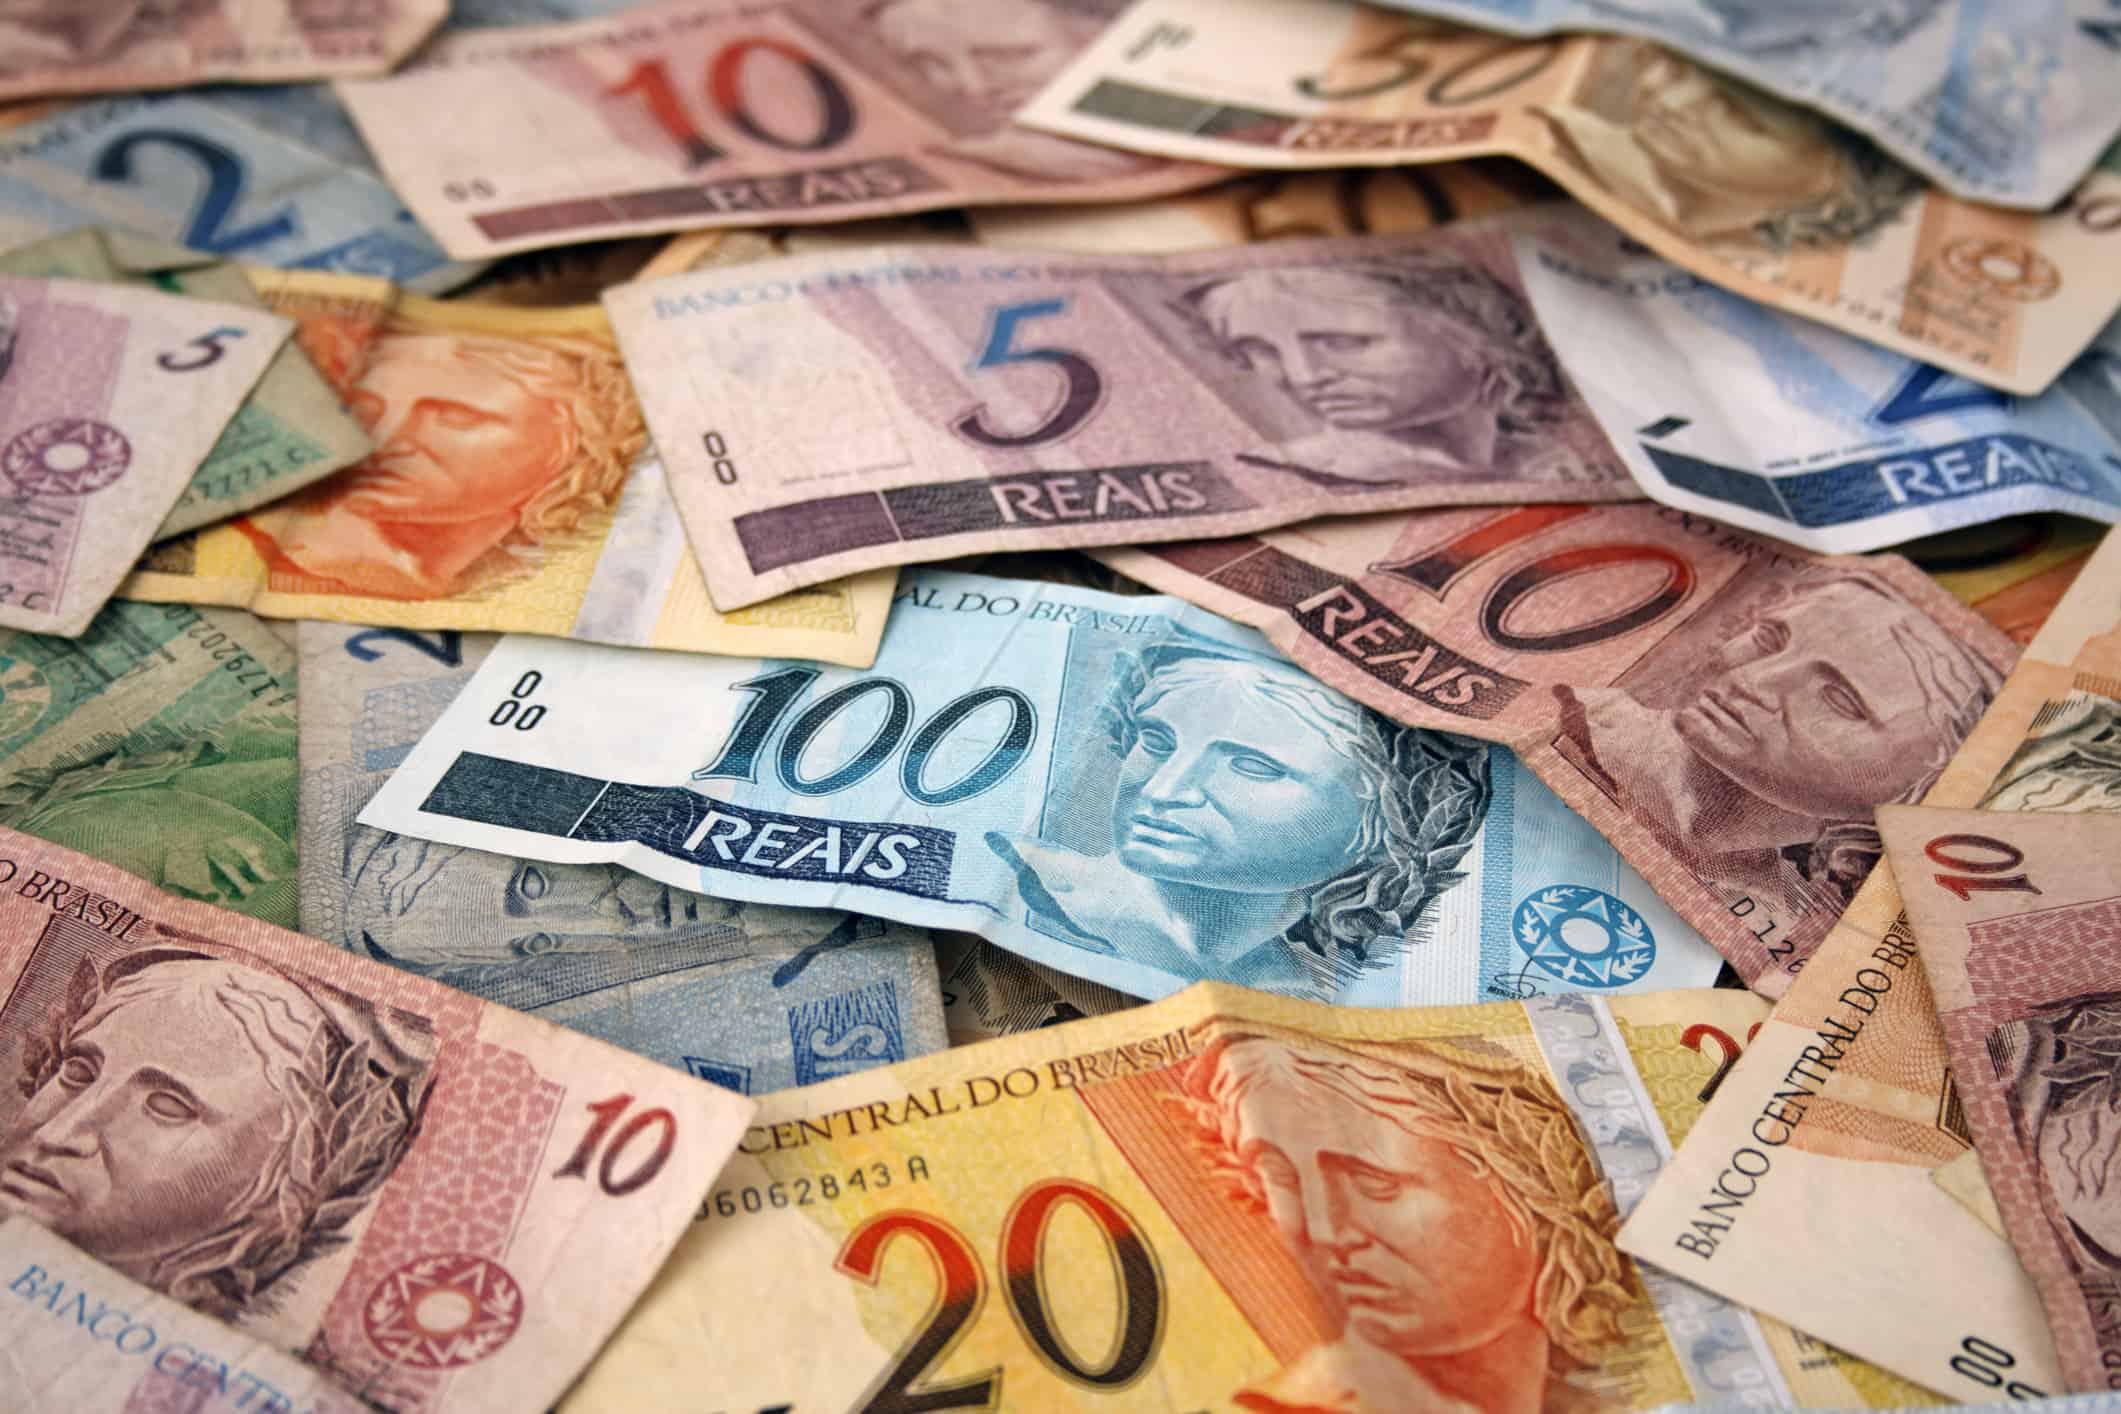 BC aumenta produção e circulação de dinheiro no país (Imagem: Reprodução - Google)